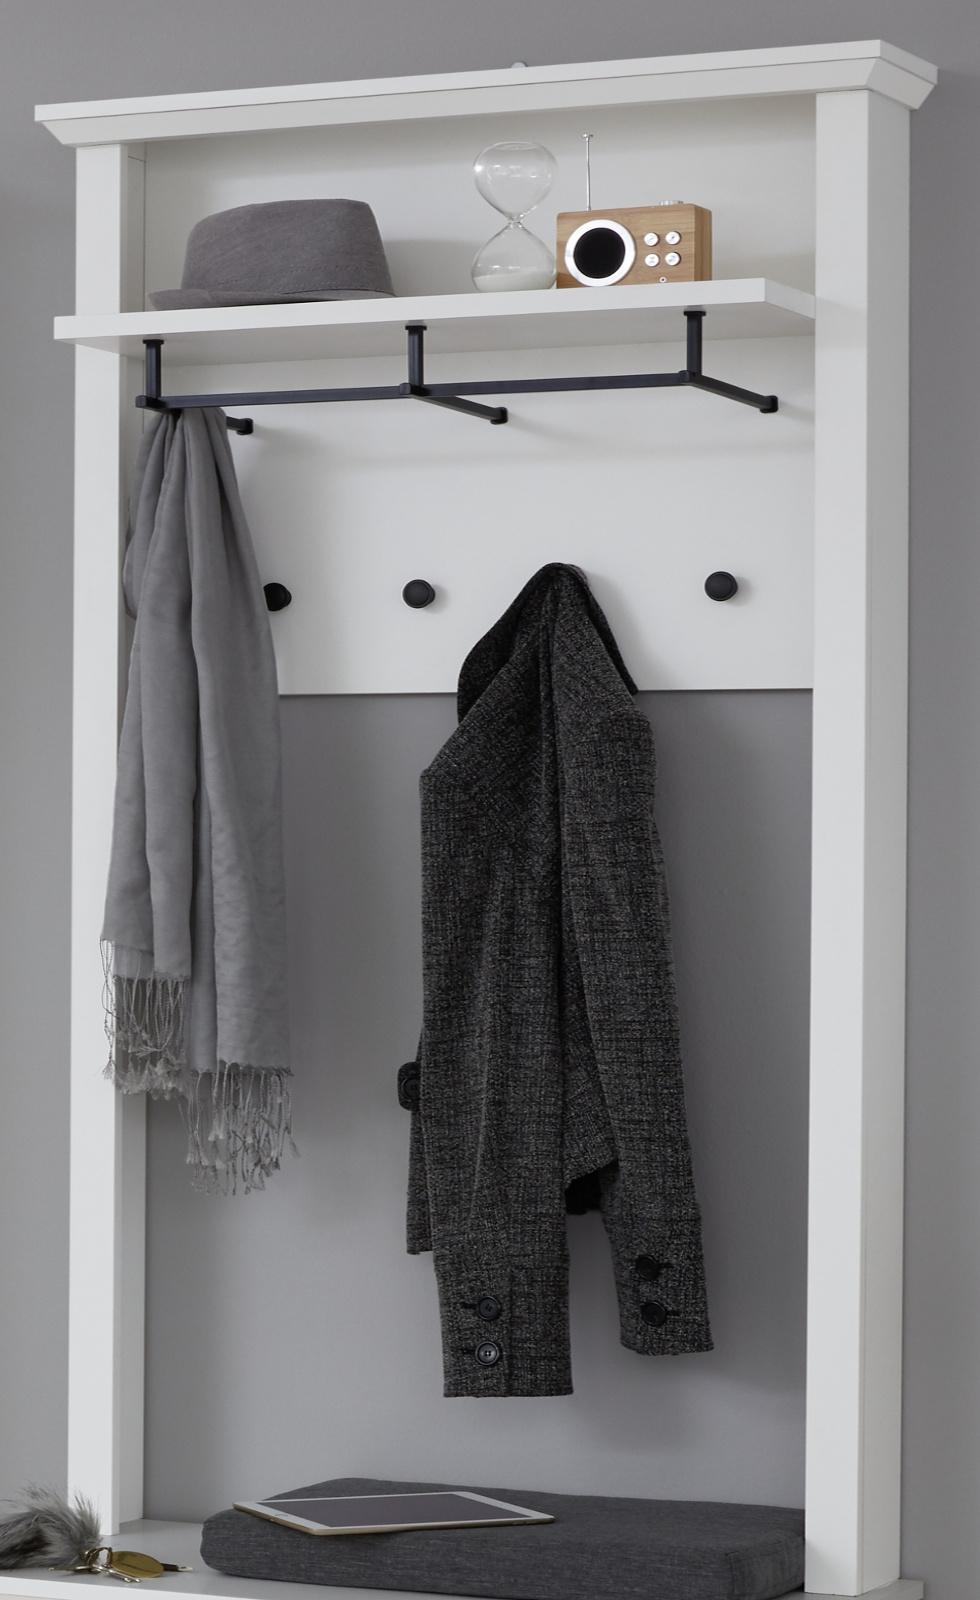 couchtisch tisch kernbuche massiv ge lt gewachst 120 x 70 cm perth ebay. Black Bedroom Furniture Sets. Home Design Ideas